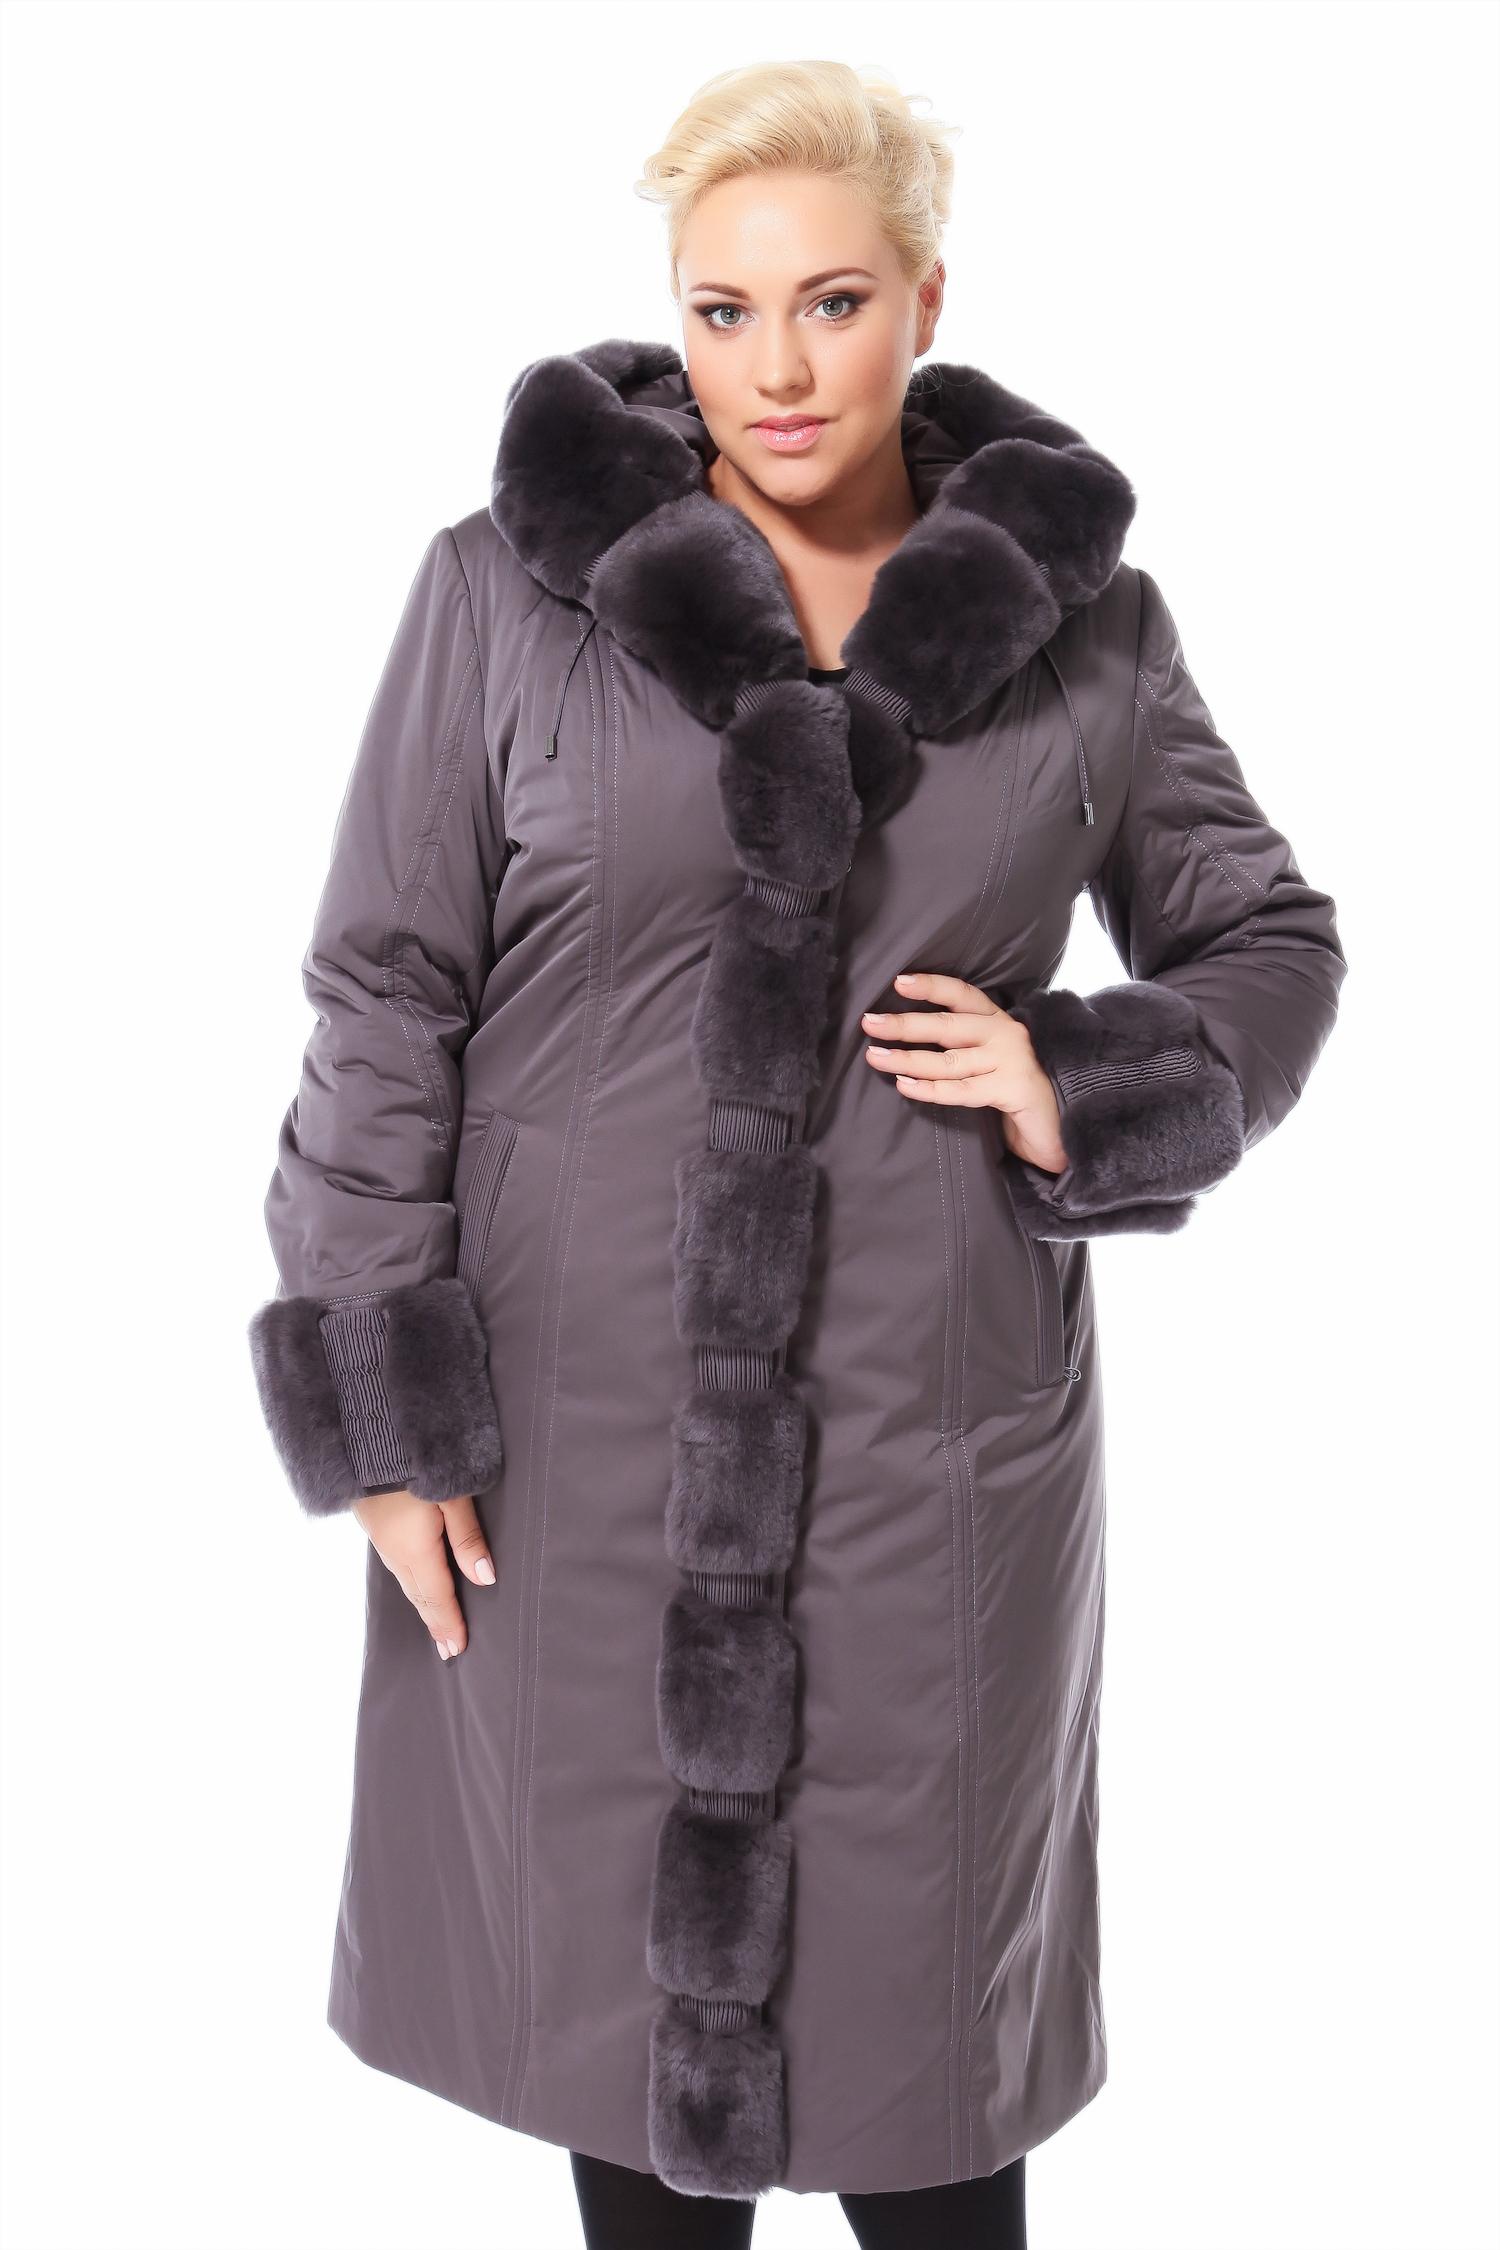 Пальто на меху с капюшоном, отделка кроликЦвет  серо-стальной.<br><br>Пальто-пихора сшито из полиэстера. Отделка выполнена из меха кролика Рекс. В качестве утеплителя использован синтепон, а также подстежка из меха кролика.<br><br>Благодаря подкладке из меха кролика и комфортной длине пихора невероятно теплая и легкая. Очень удобно, что без меховой подстежки верхняя часть изделия также является самодостаточной. Плотный полиэстер практичен в носке: он устойчив к влажности и загрязнениям, не пропускает воздух, не мнется и легко чистится. Оригинальный меховой декор глубокого и уютного капюшона, органично переходящий на всю длину планки застежки, а так же манжет рукавов, идеально подчеркнет тонкий вкус и неординарность ее обладательницы.<br><br>Воротник: капюшон<br>Длина см: Длинная (свыше 90)<br>Материал: Текстиль<br>Цвет: серый<br>Вид застежки: центральная<br>Застежка: на молнии<br>Пол: Женский<br>Размер RU: 48